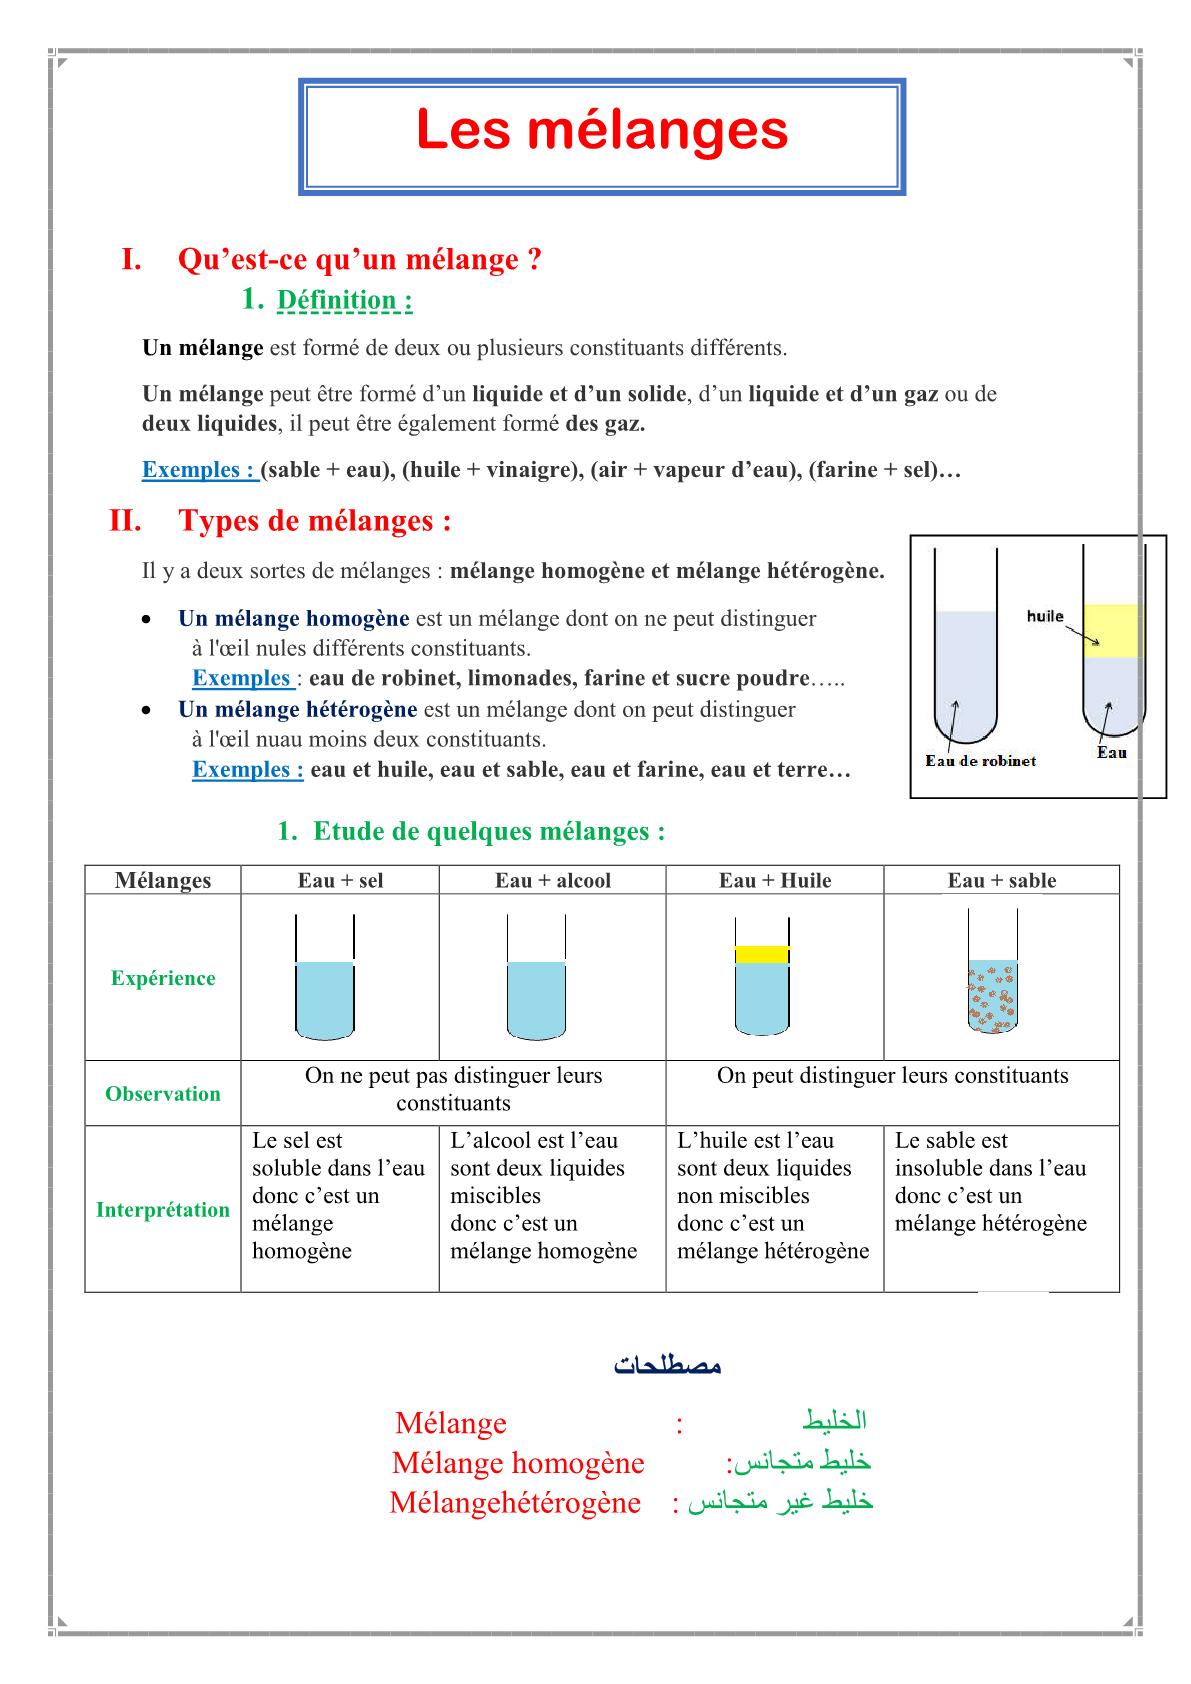 درس Les mélanges للسنة الأولى اعدادي